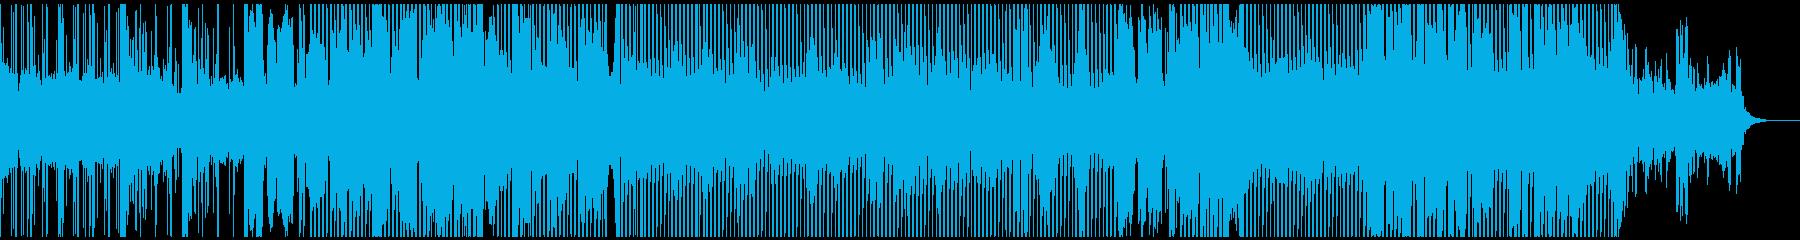 洋楽風おしゃれ爽やかヒットチャートEDMの再生済みの波形